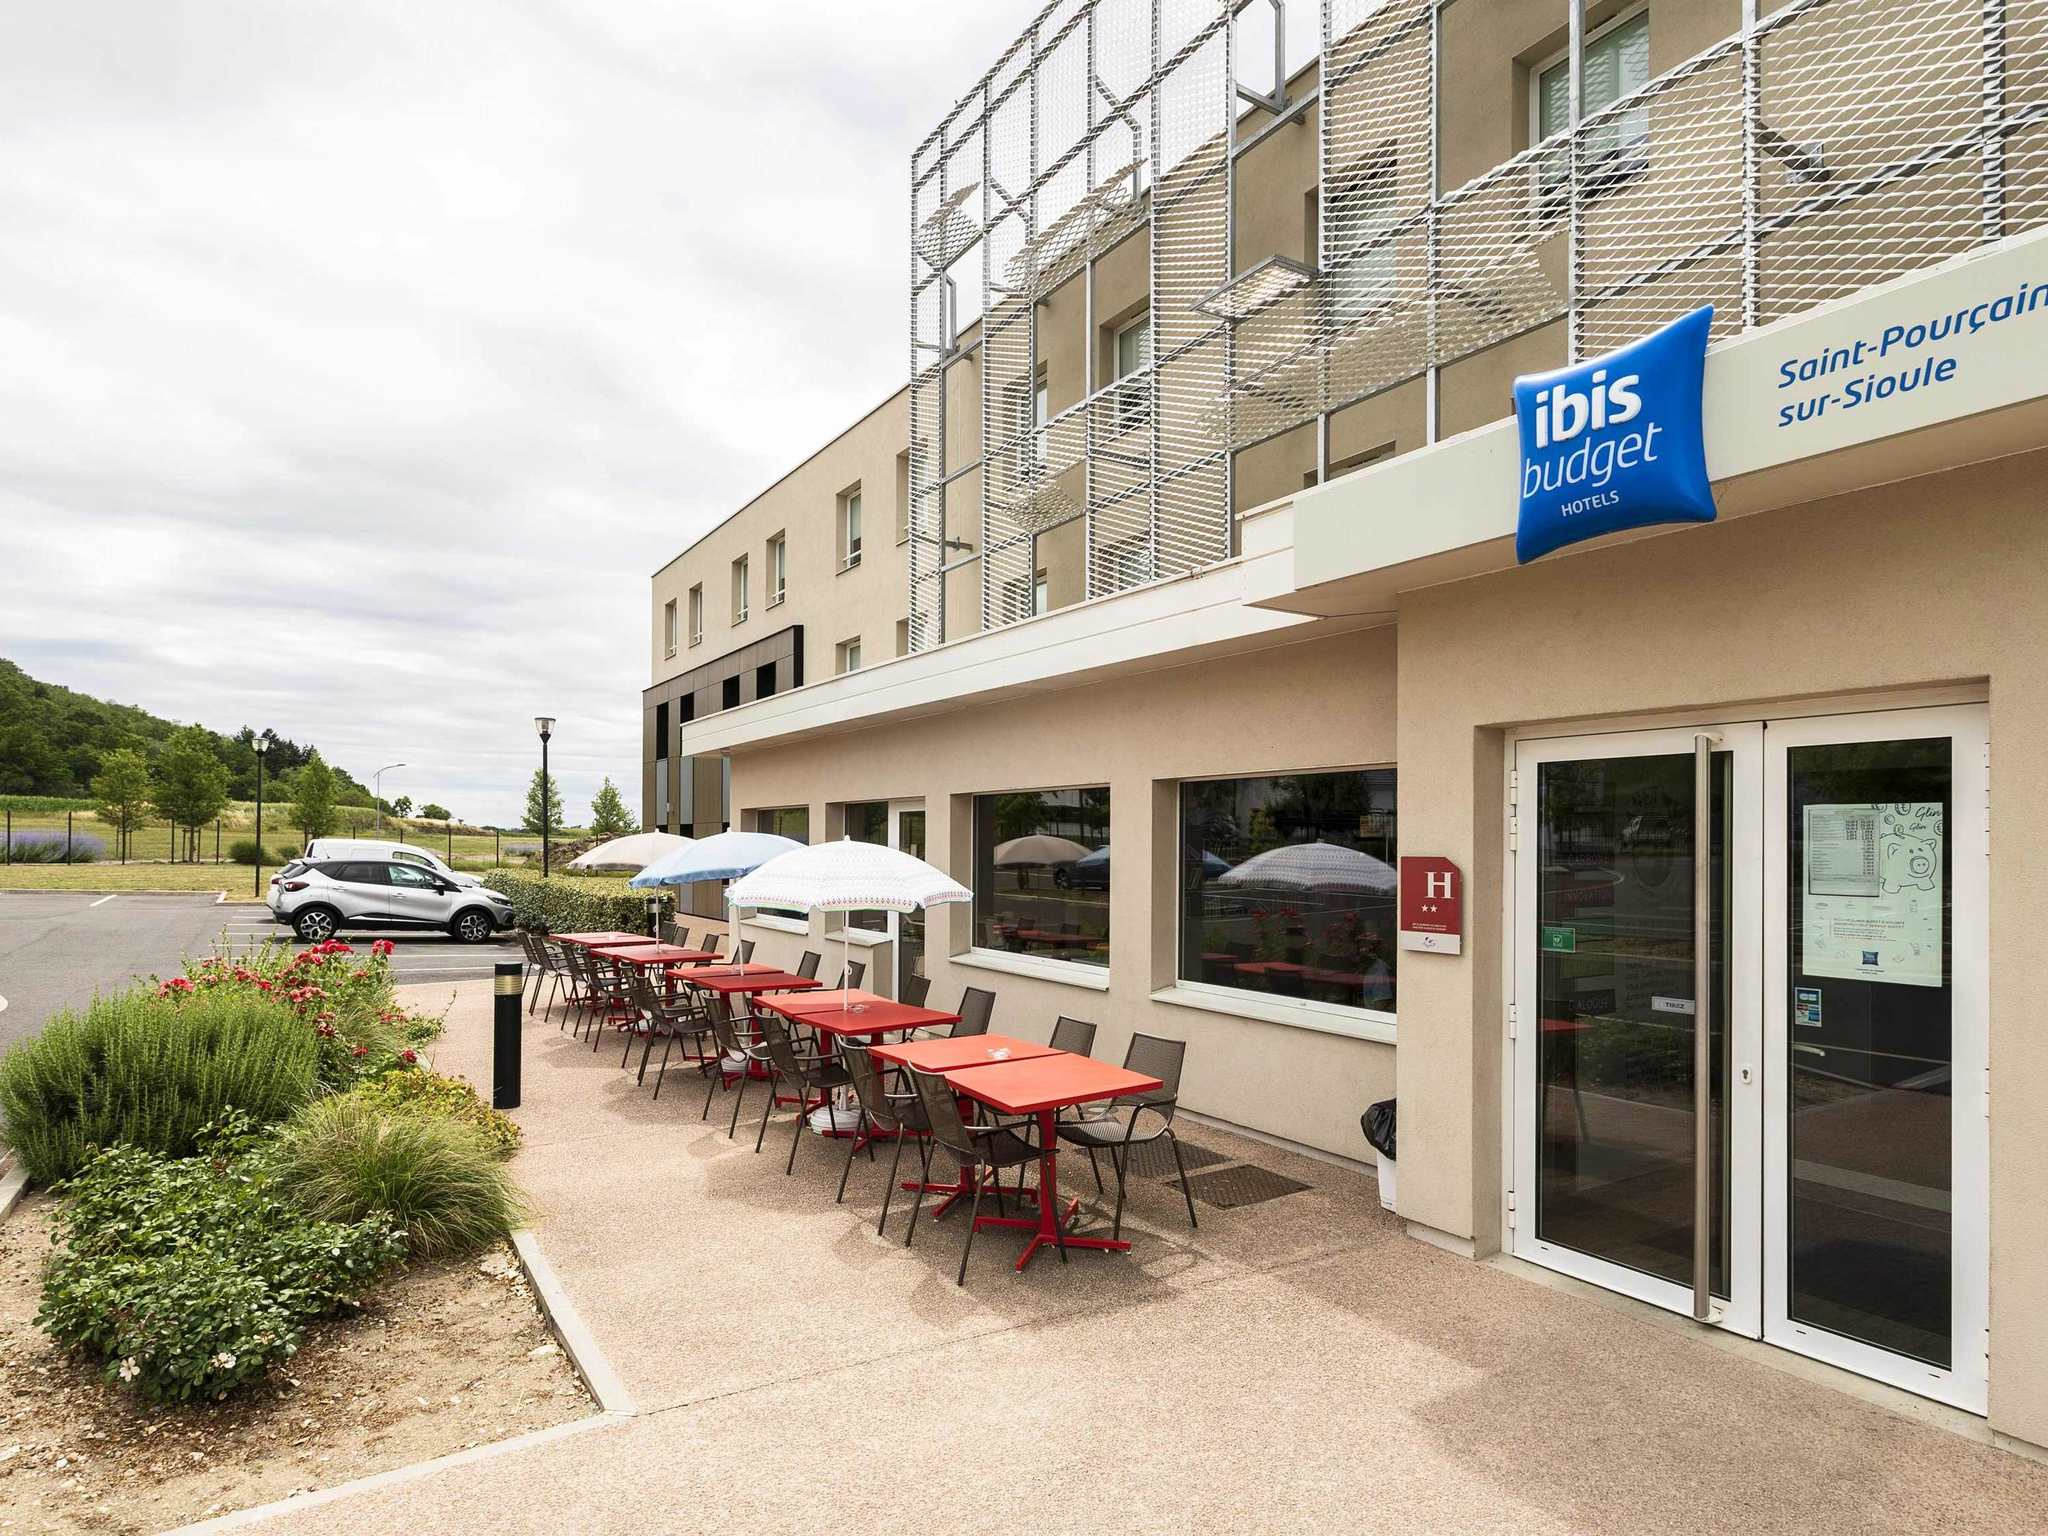 Hotell – ibis budget Saint-Pourçain-sur-Sioule